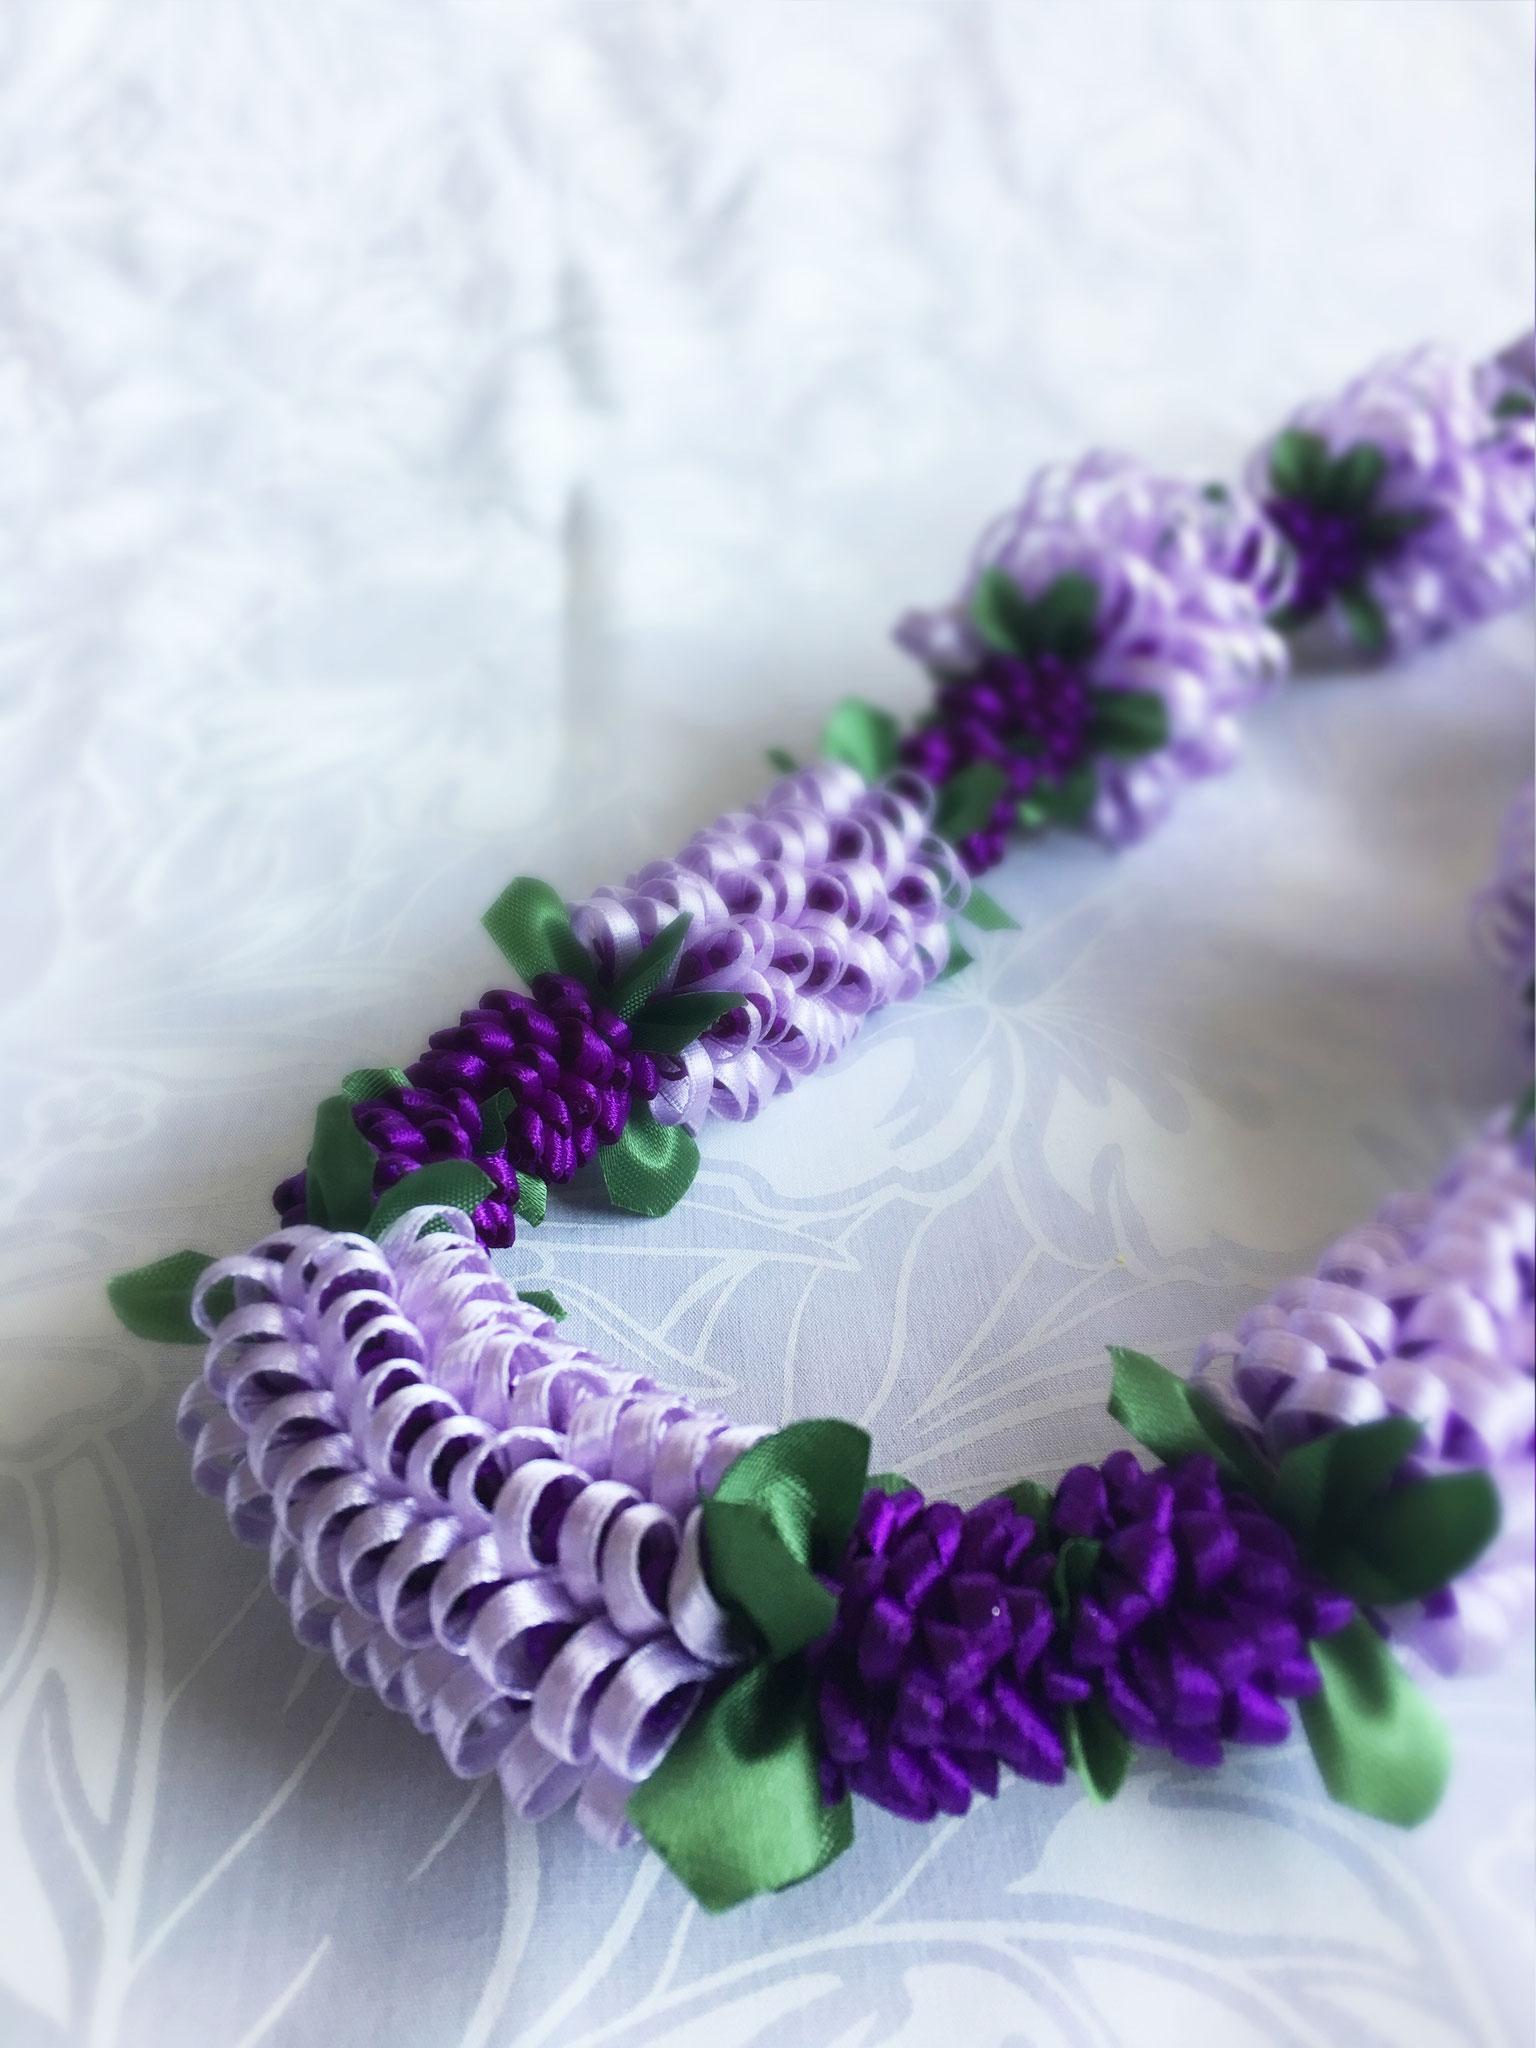 Purple Boze